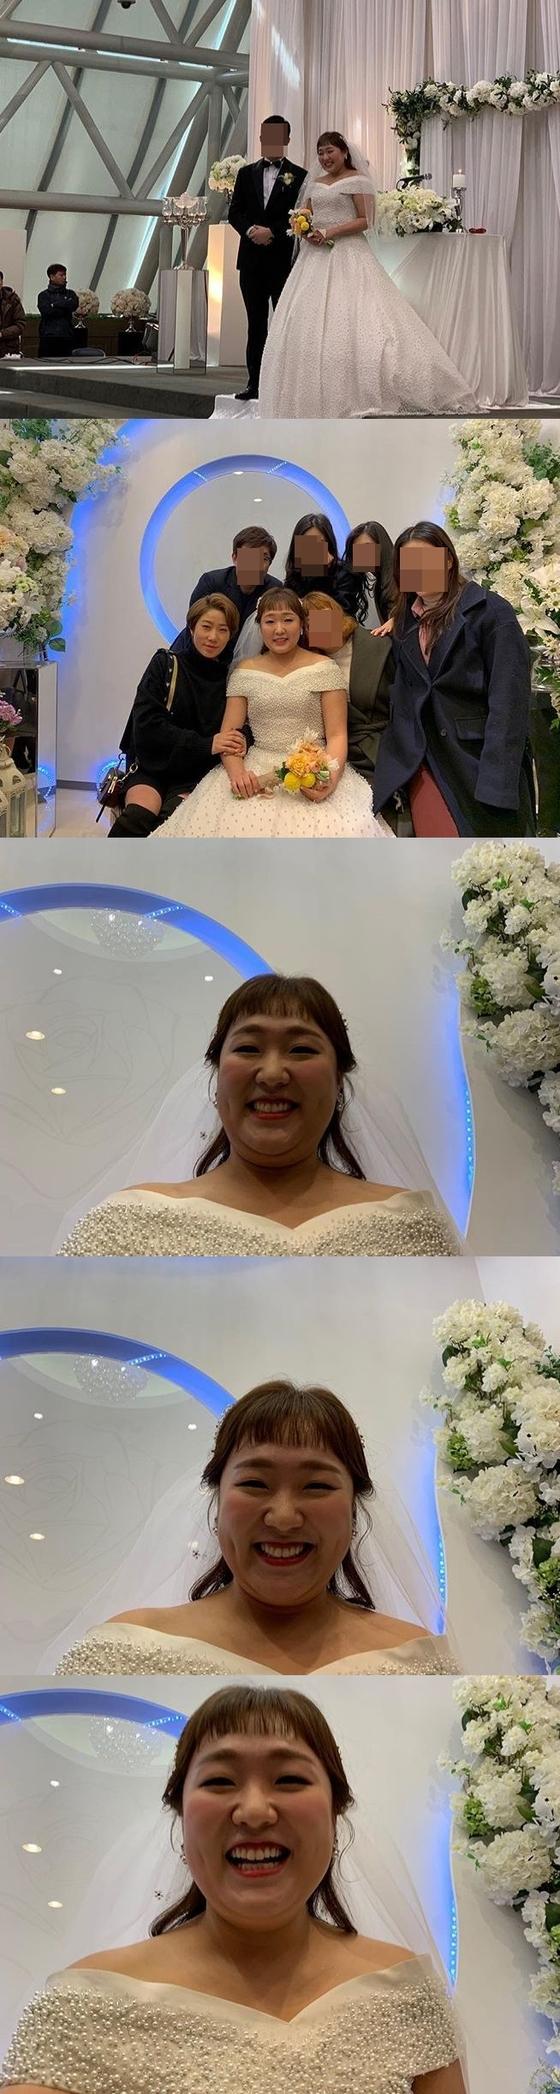 [N샷] '결혼' 이수지, 훈남 연하 신랑과 본식 사진 공개…행복한 신부